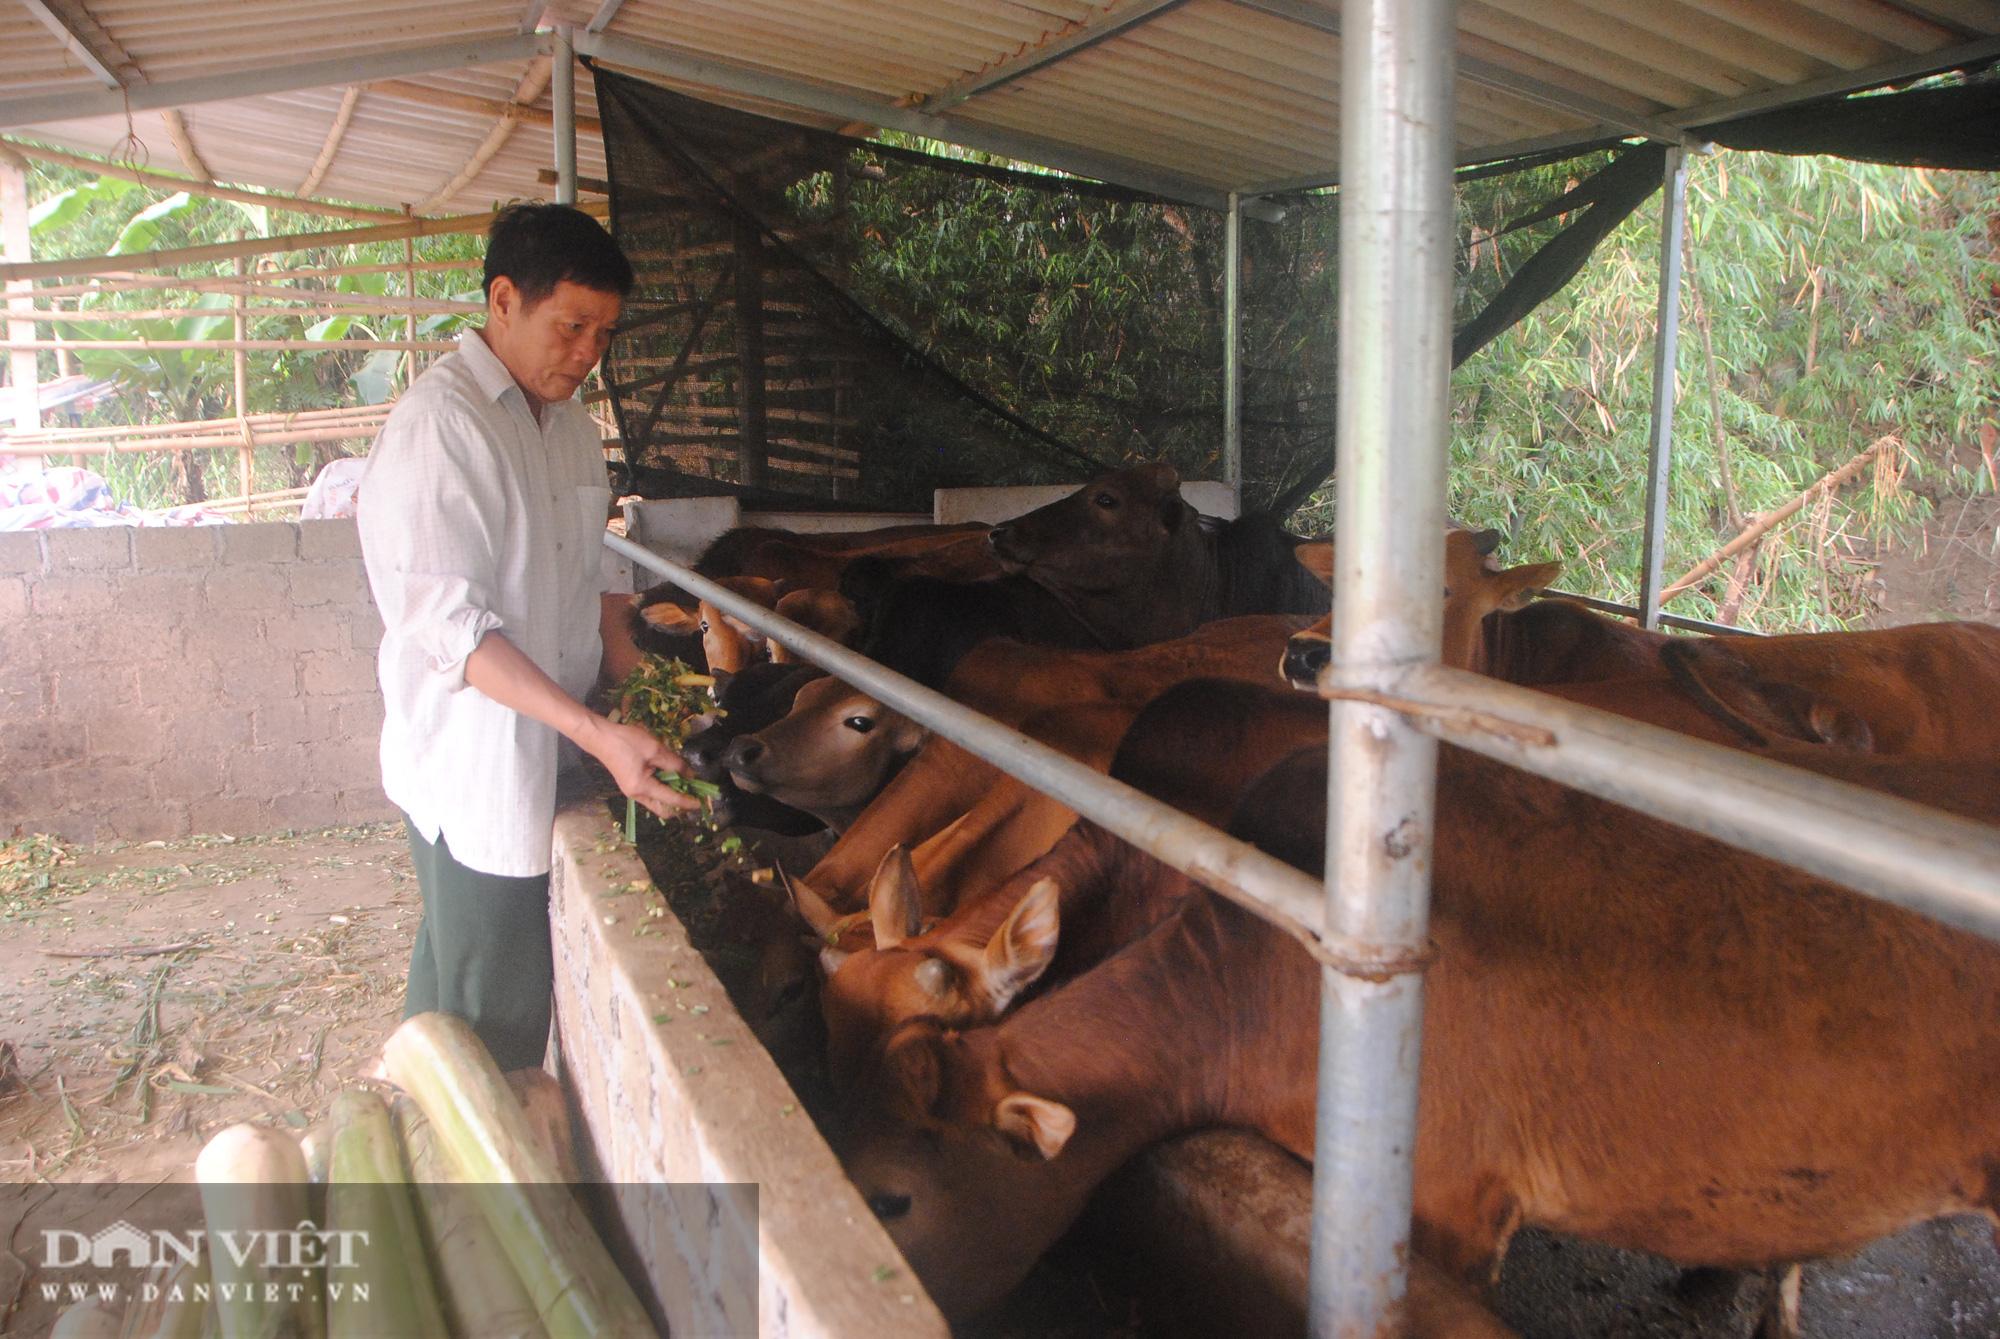 Biến bò gầy thành bò béo, cựu chiến binh kiếm hơn nửa tỷ - Ảnh 3.